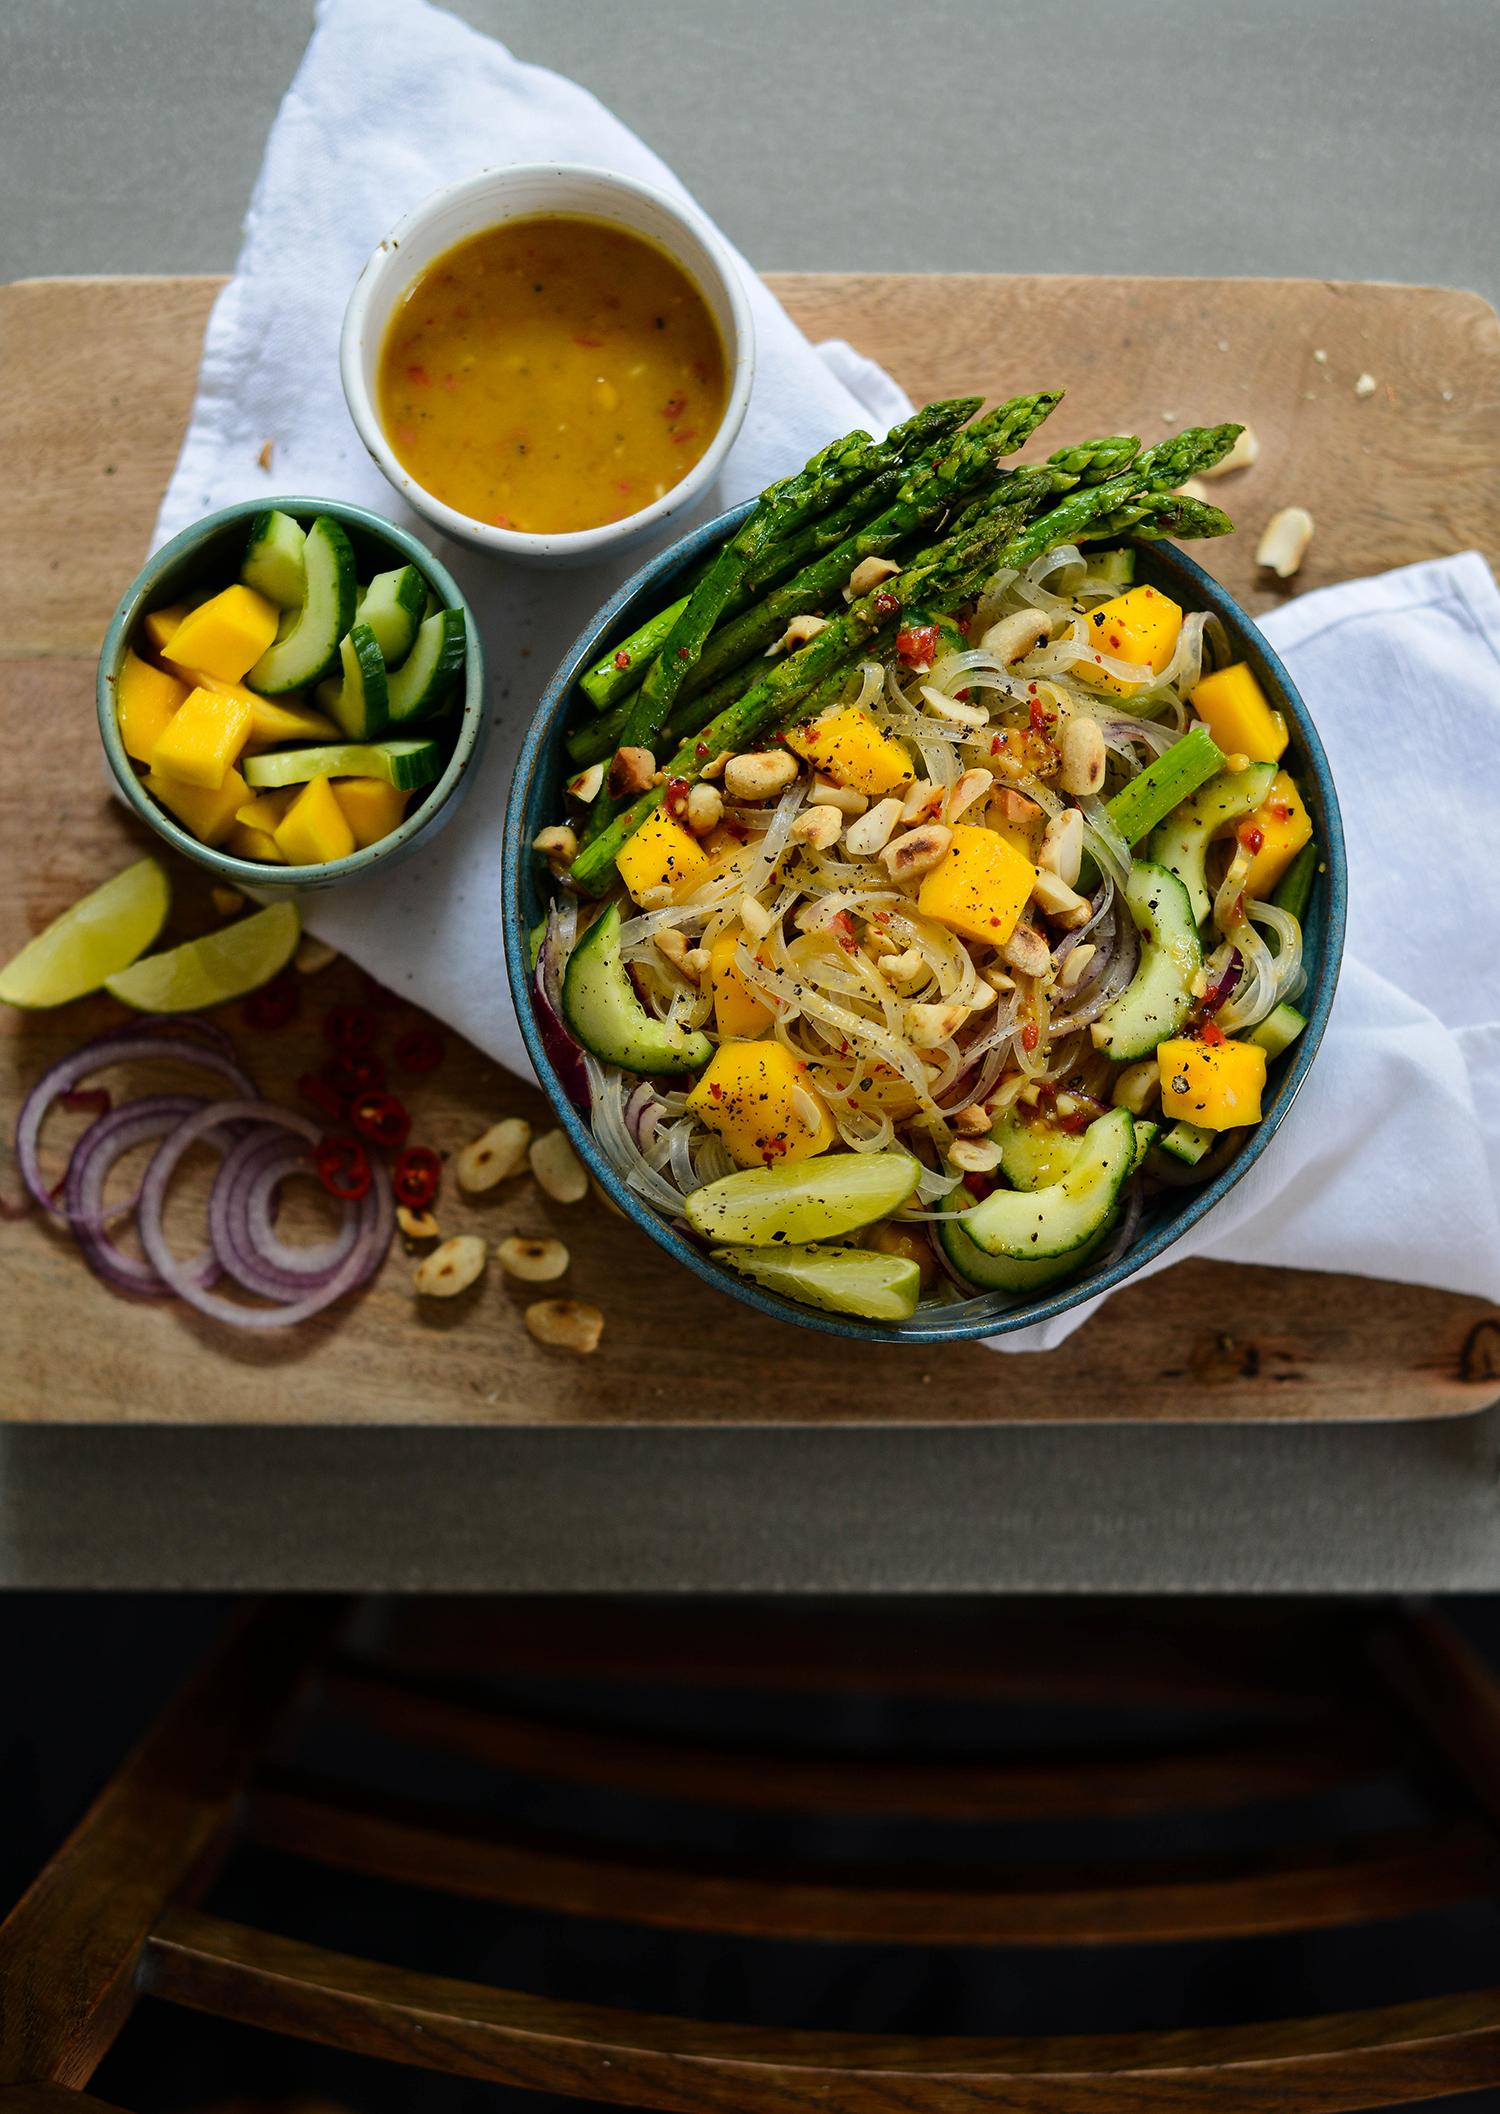 Peanut-rice-noodle-salad-lea-lou-6